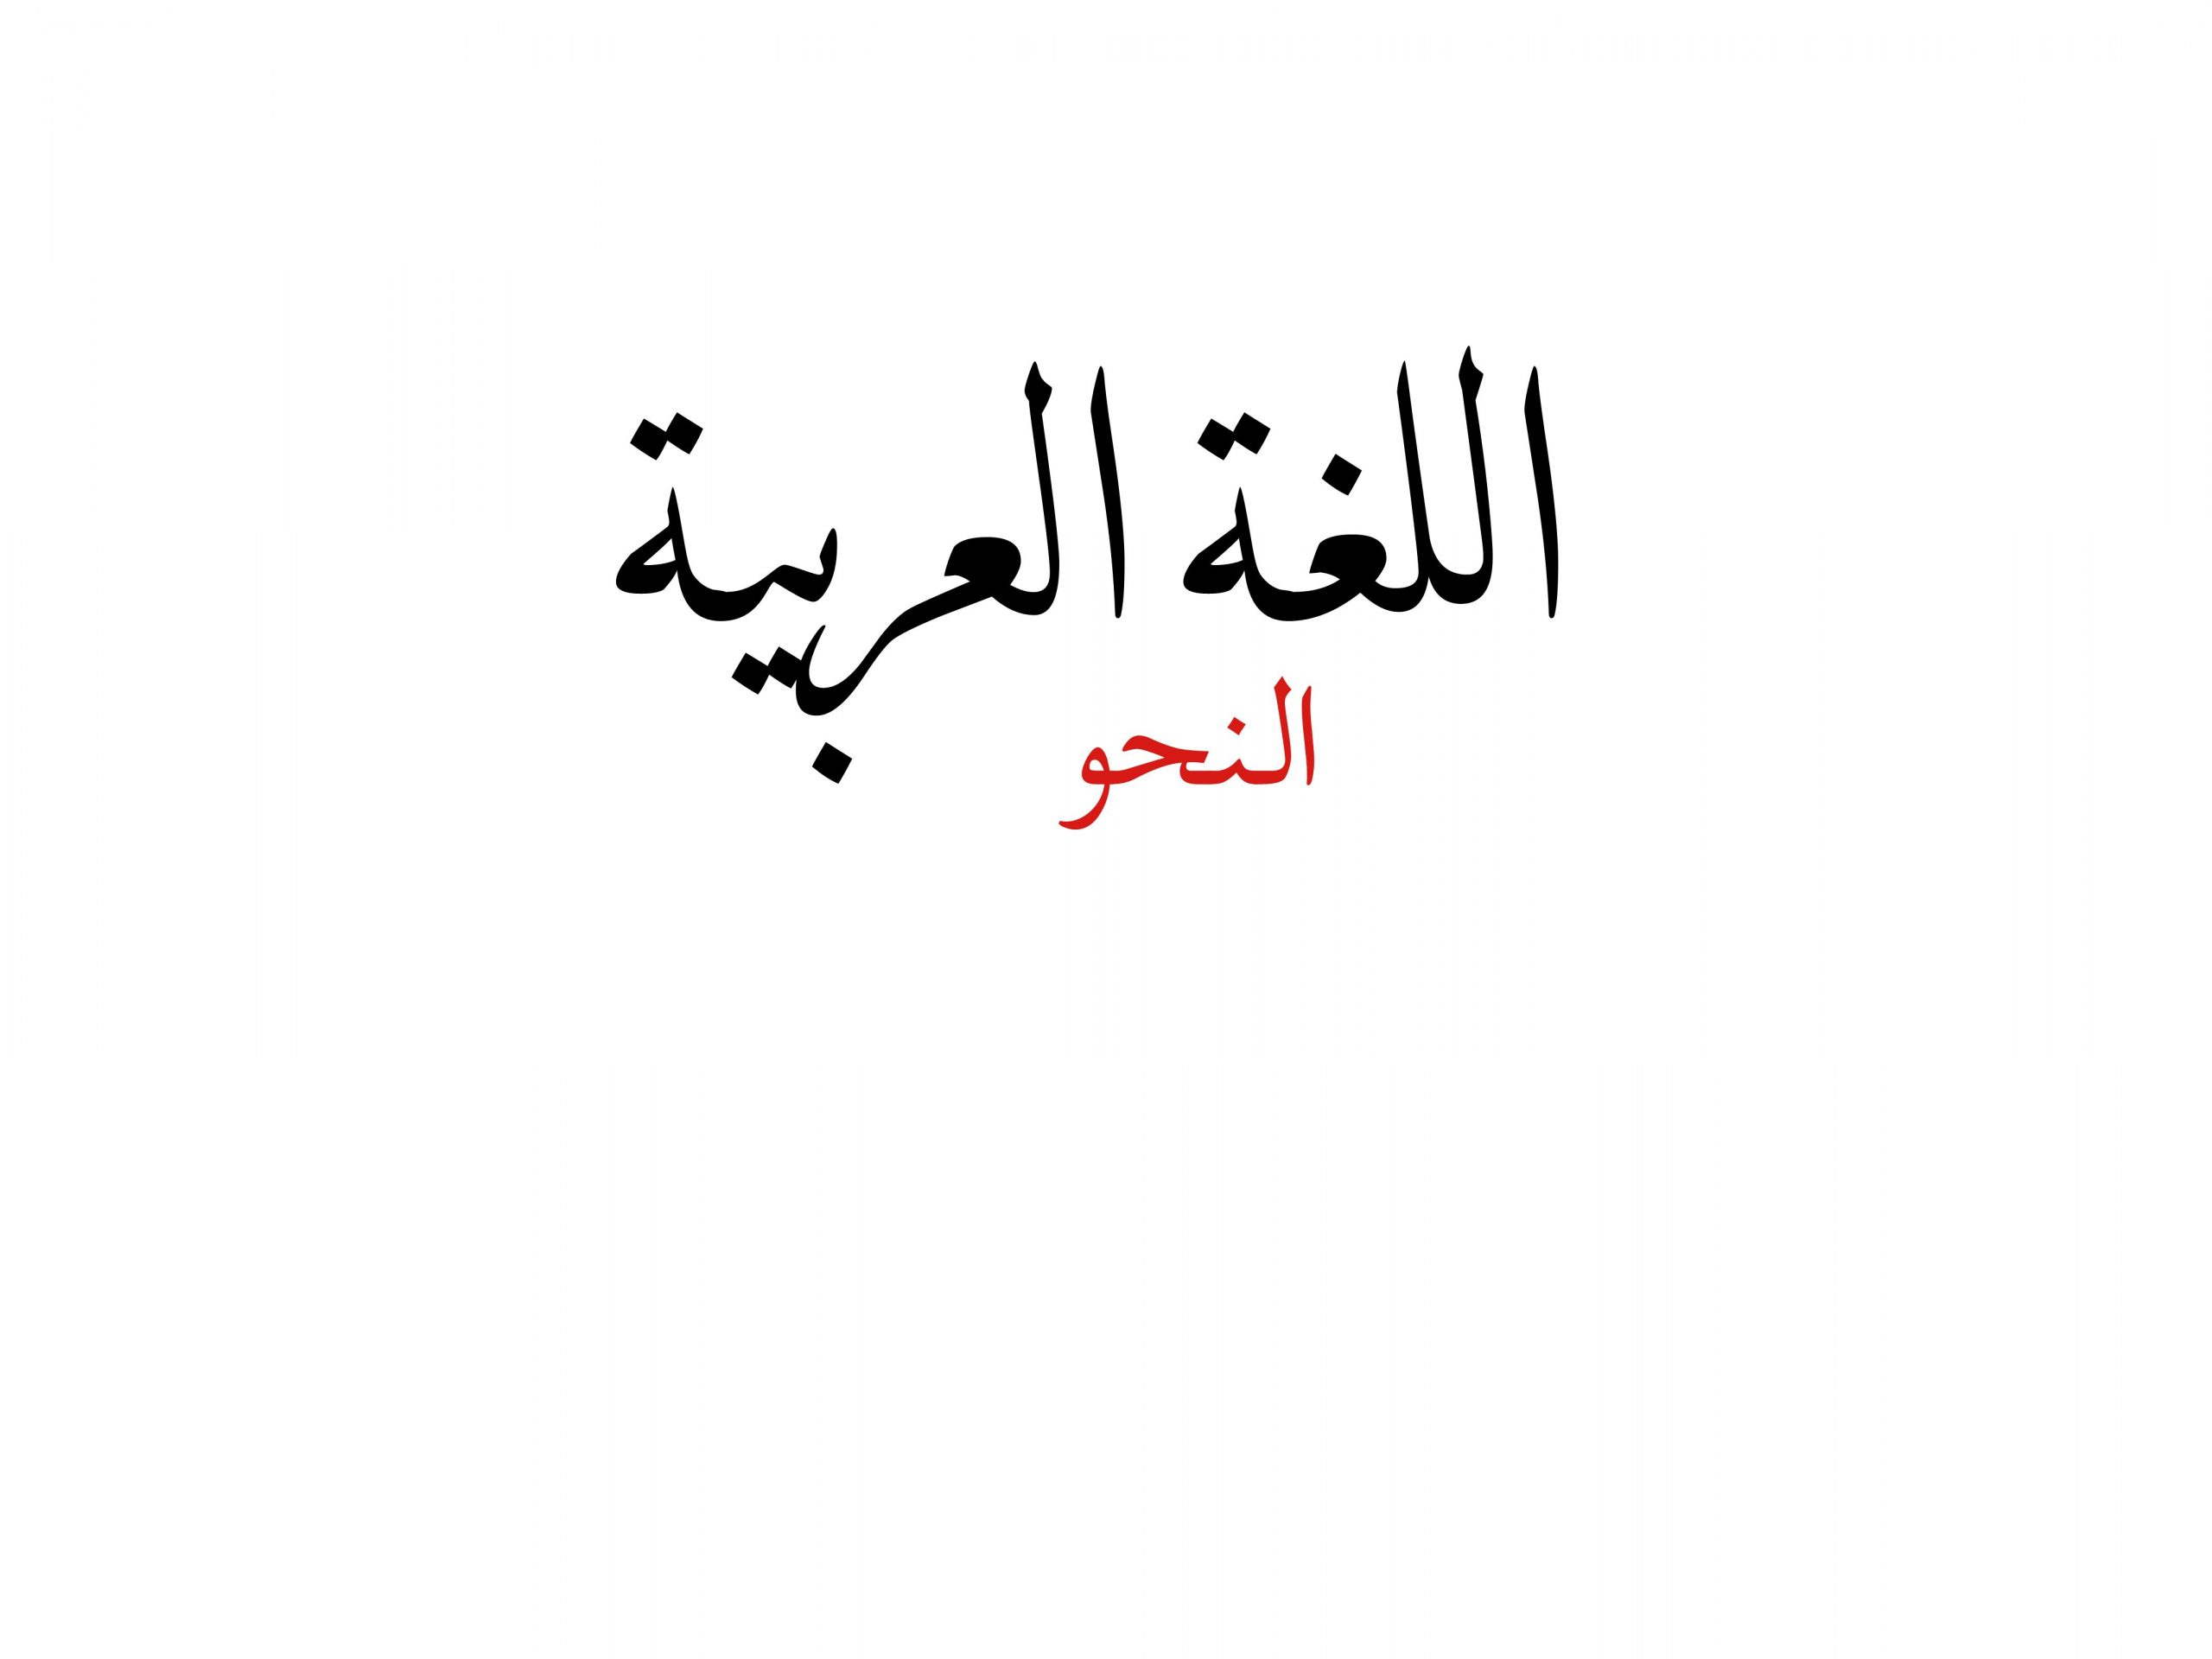 ملخص دروس النحو الصف العاشر مادة اللغة العربية